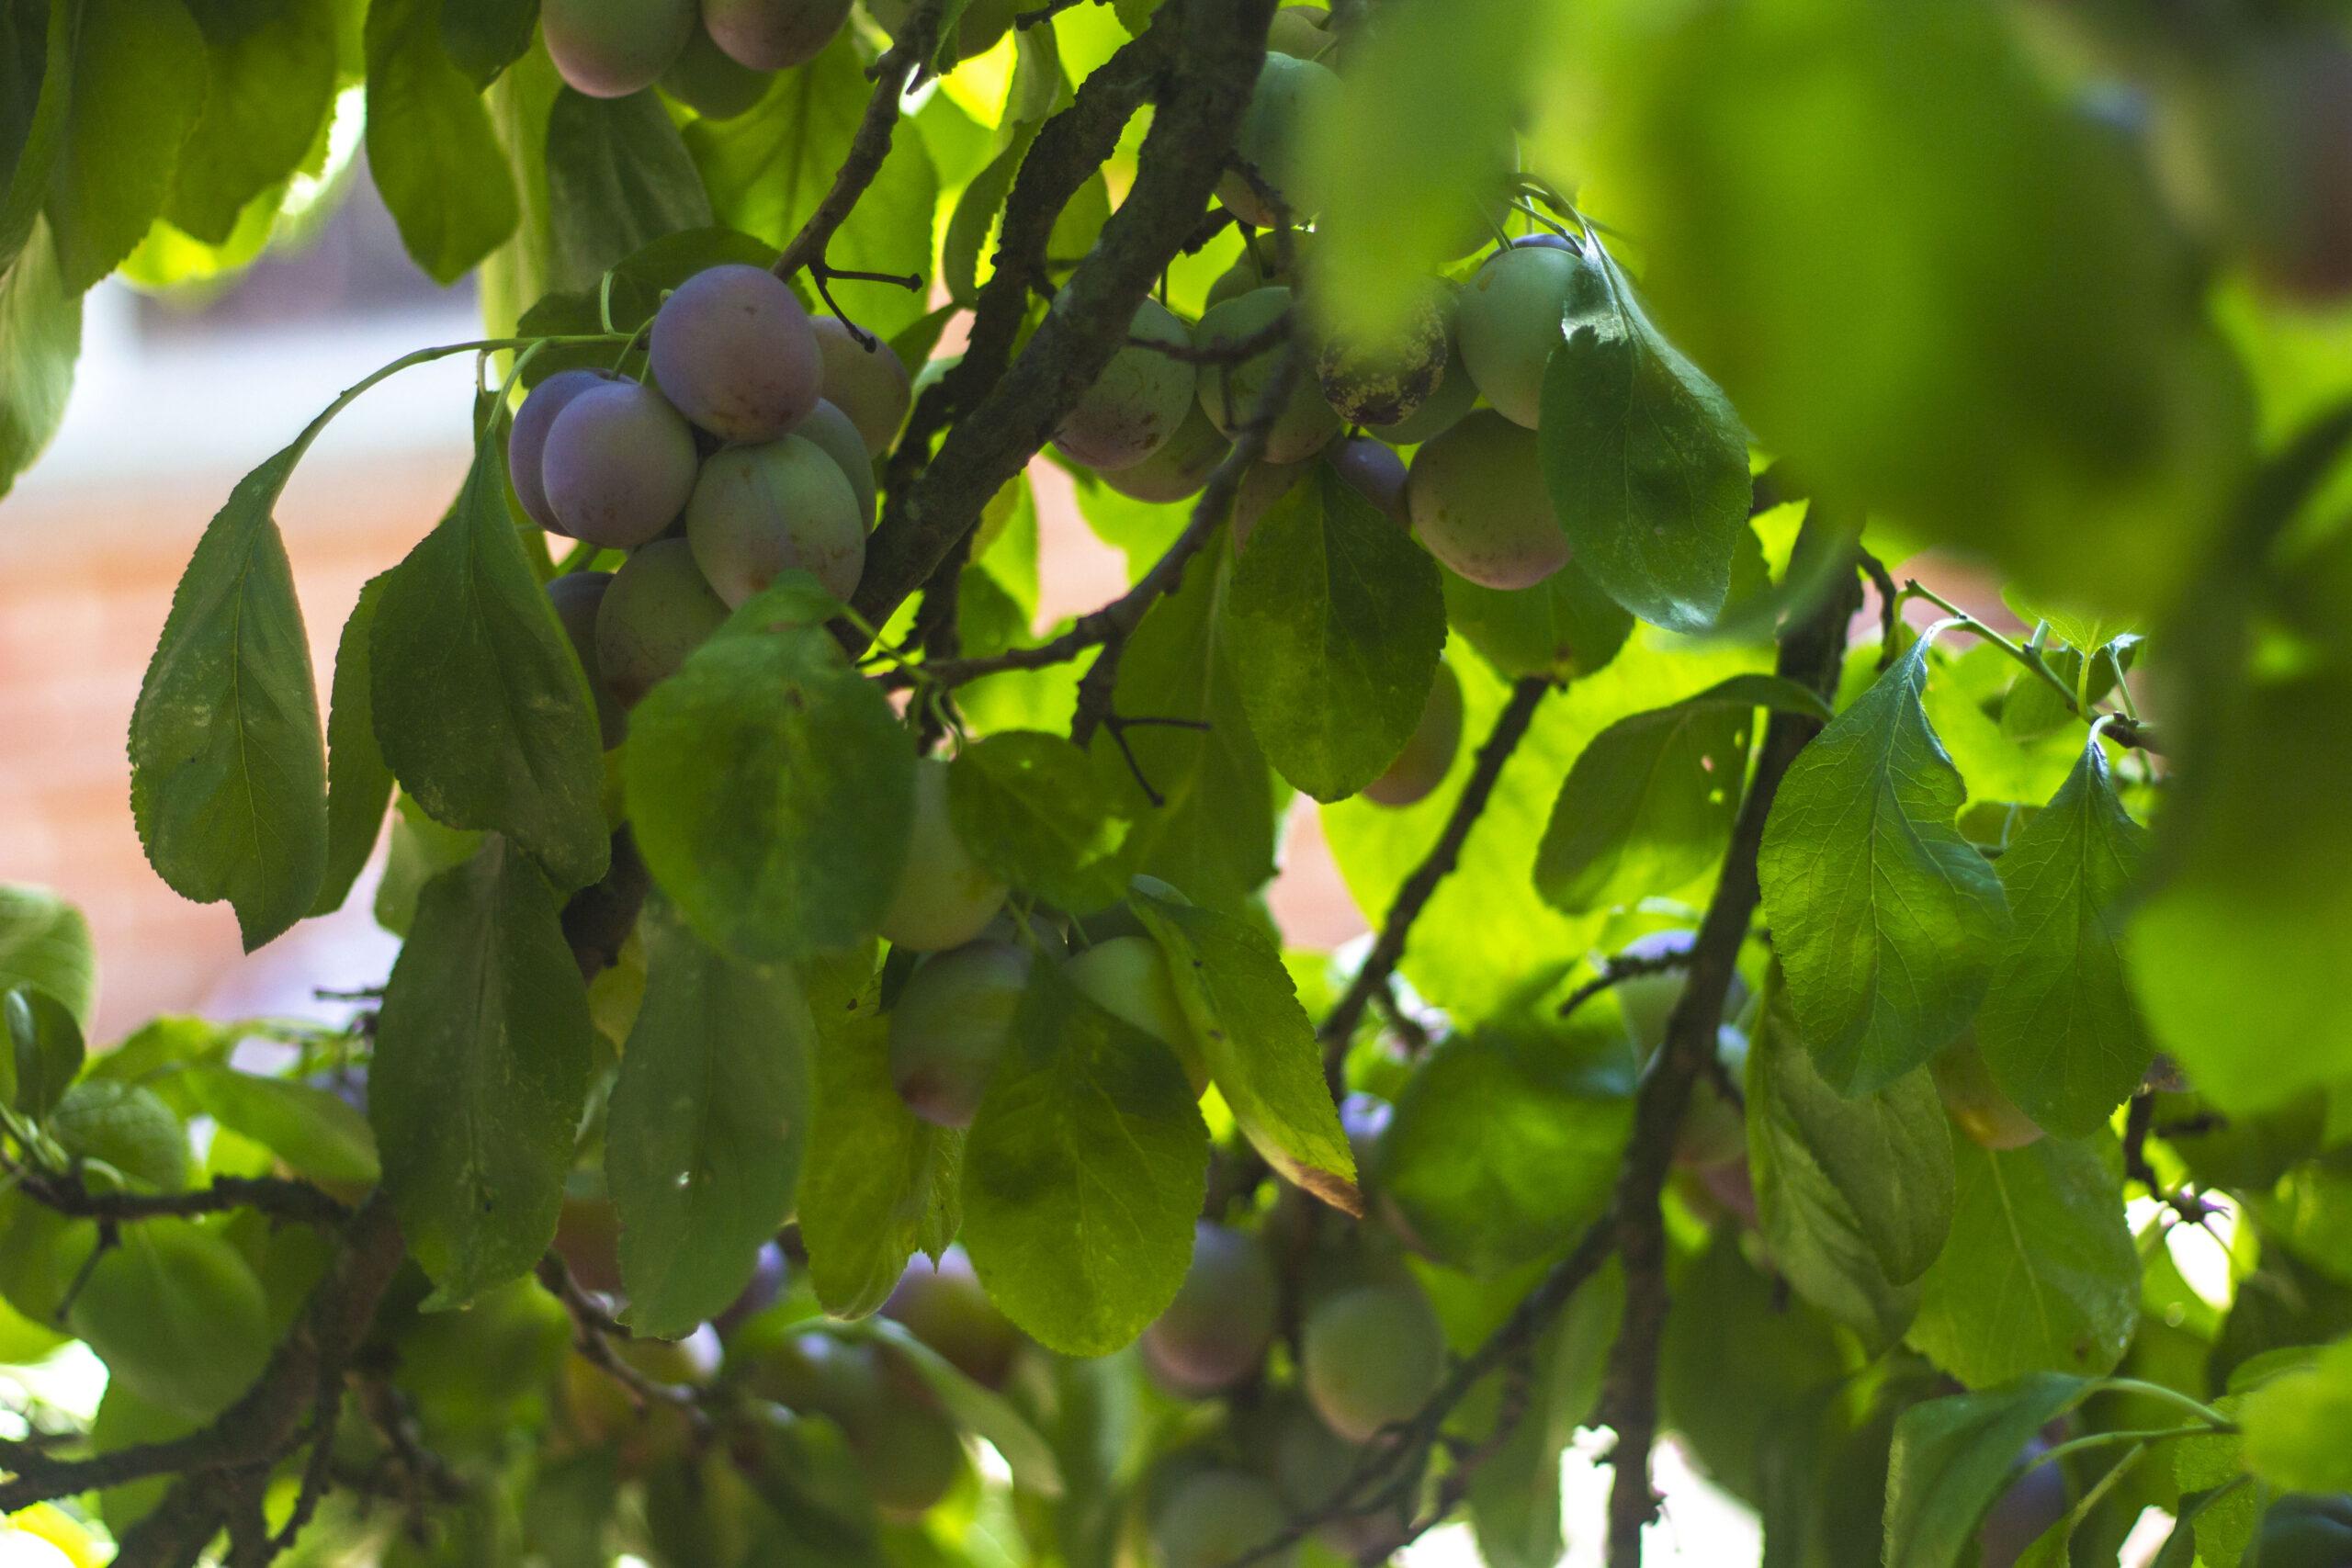 Når blommetræet angribes af sygdomme & skadedyr